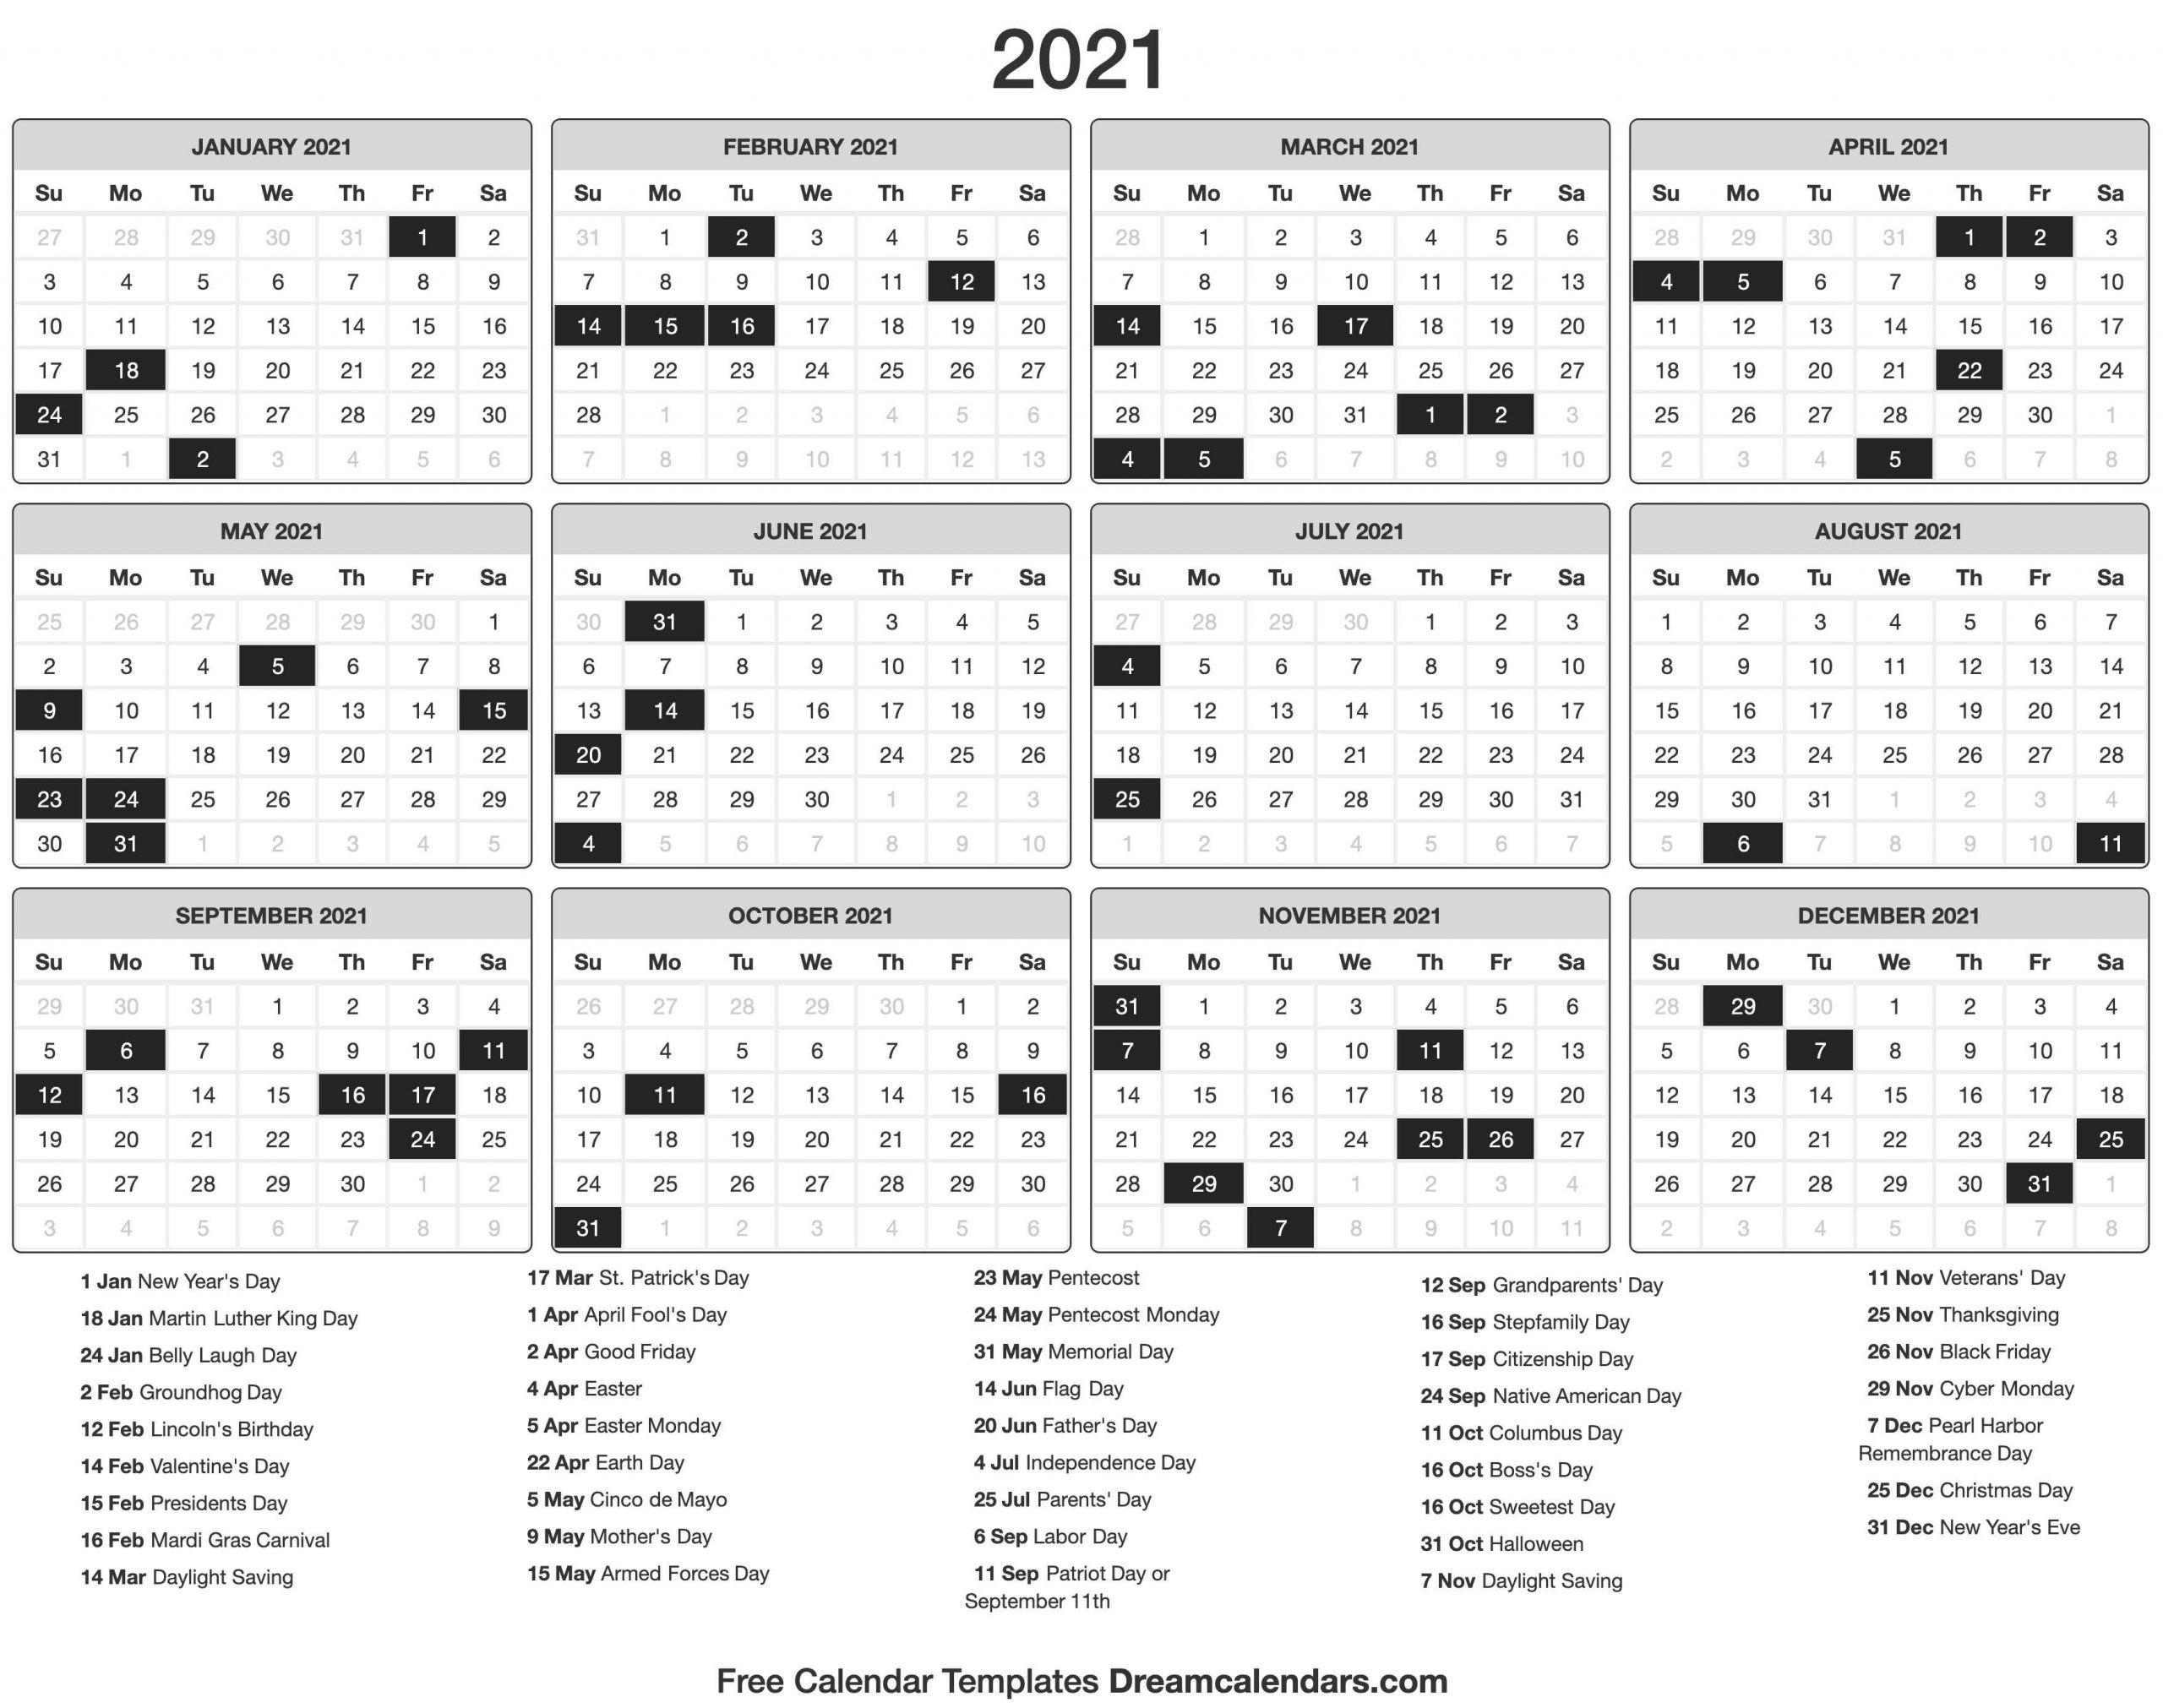 2021 Vacation Calandar | Calendar Template Printable  Printable 2021 2021 Depo Calendar